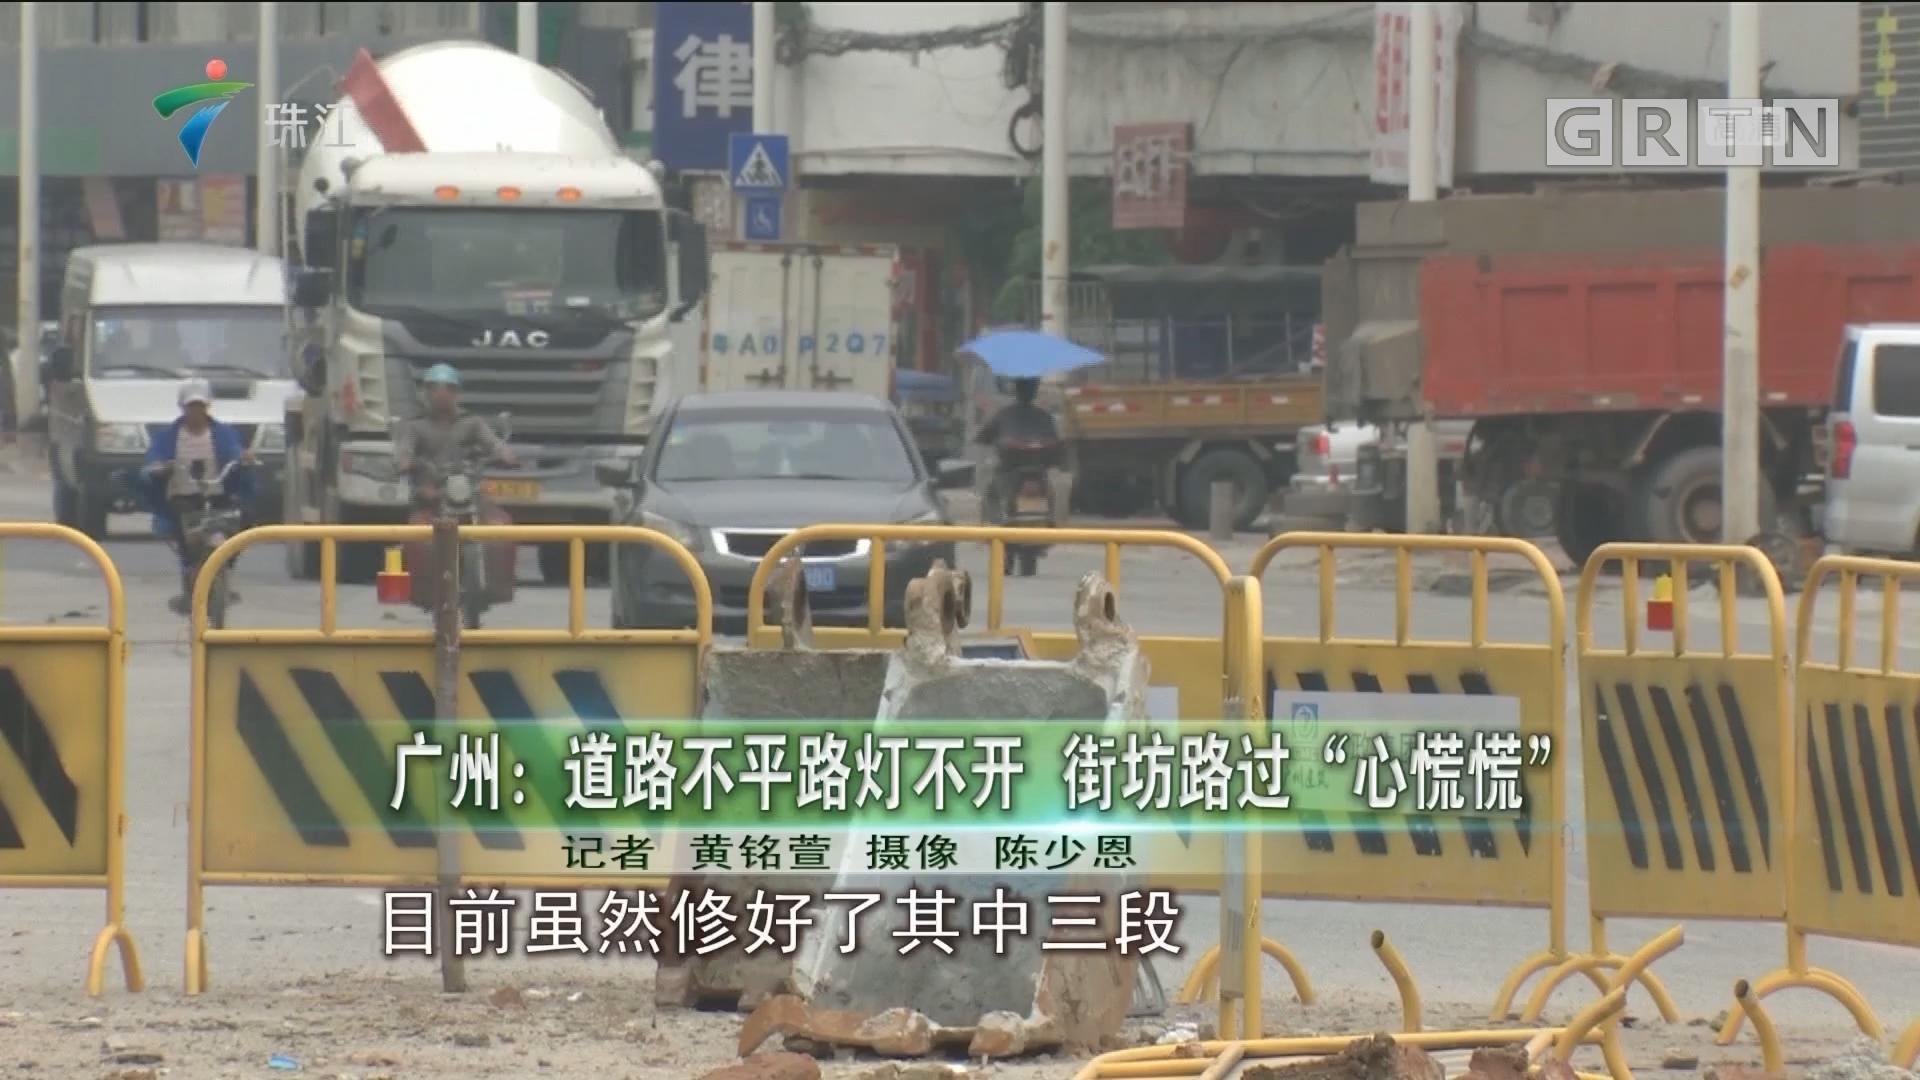 """广州:道路不平路灯不开 街坊路过""""心慌慌"""""""